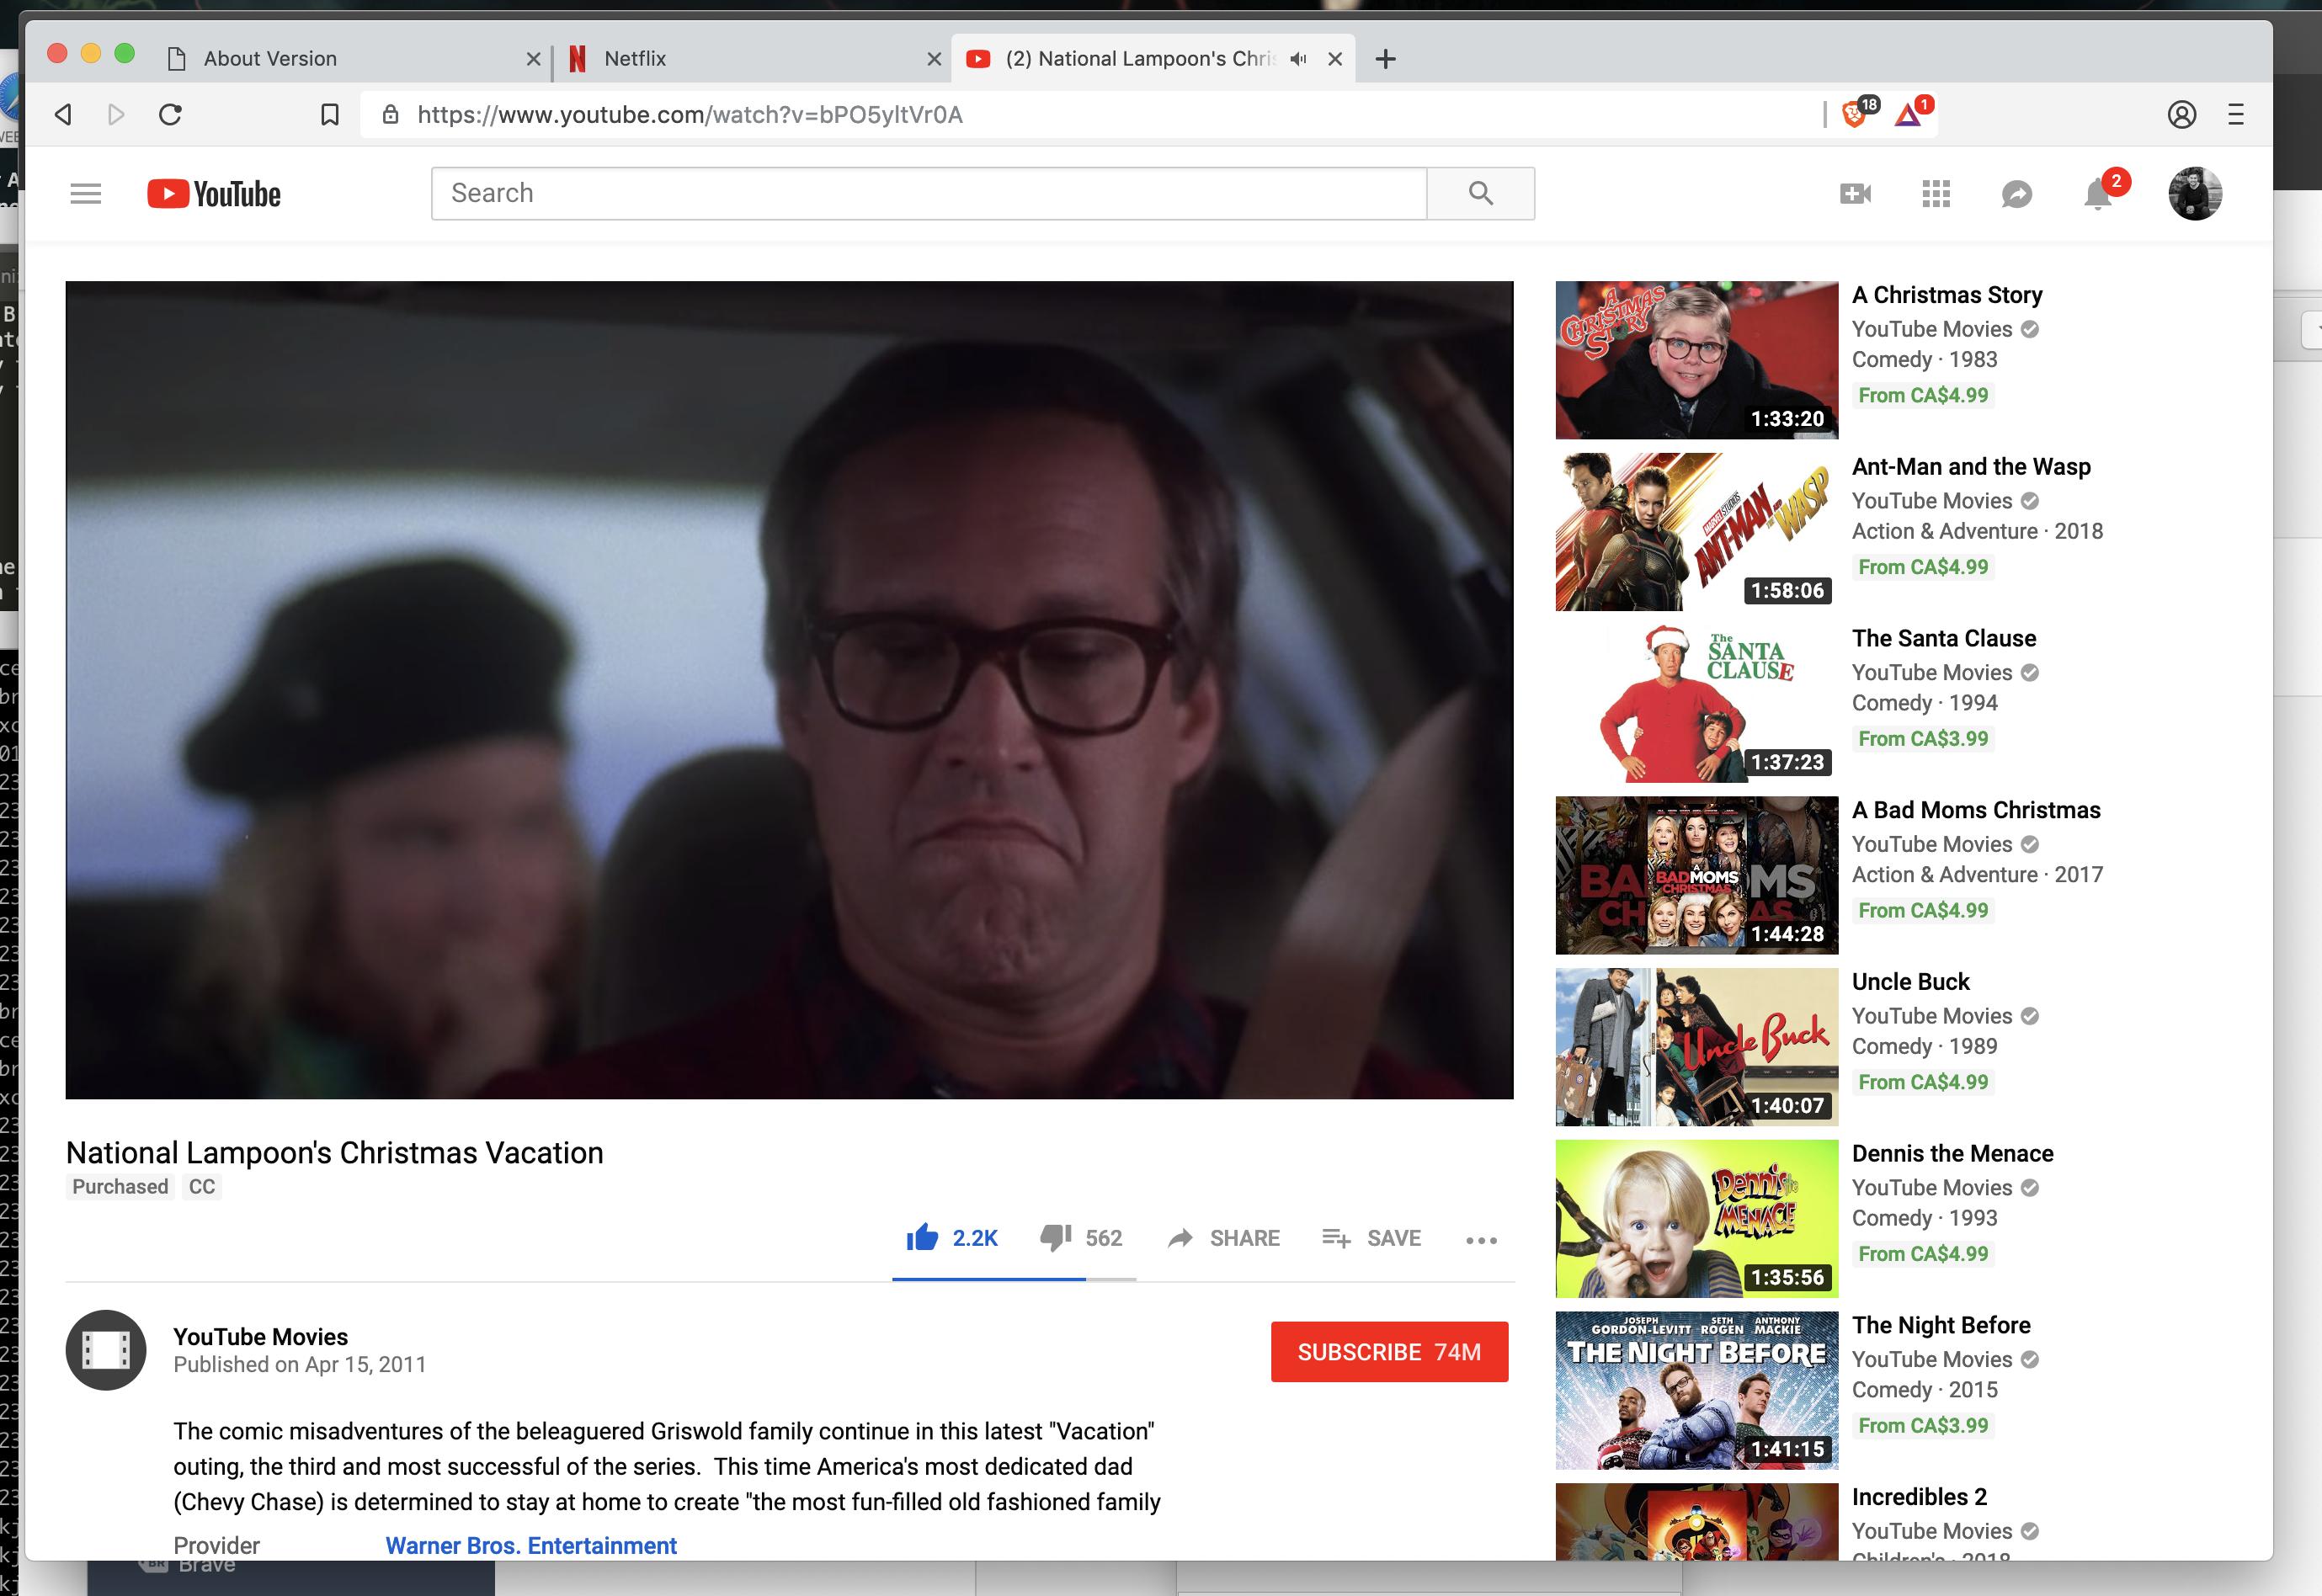 screen shot 2019-01-23 at 5 12 03 pm